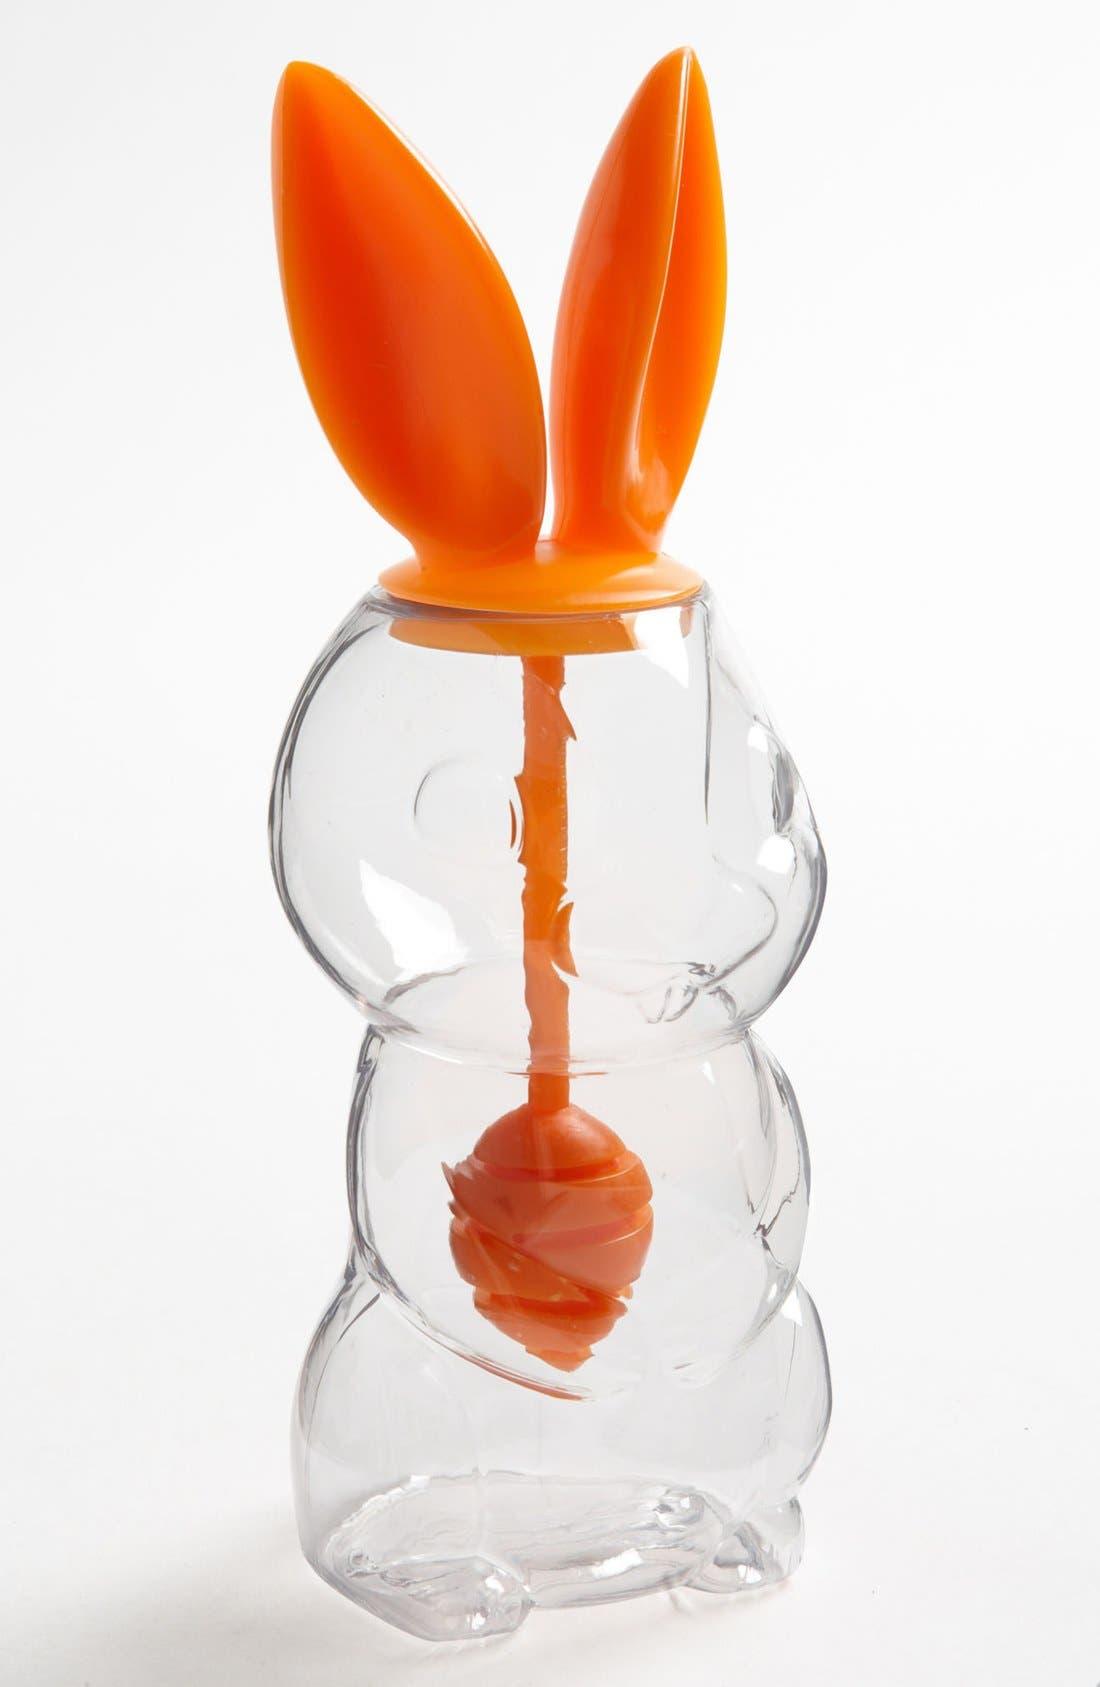 Alternate Image 1 Selected - GAMAGO Bunny Shape Honey Jar